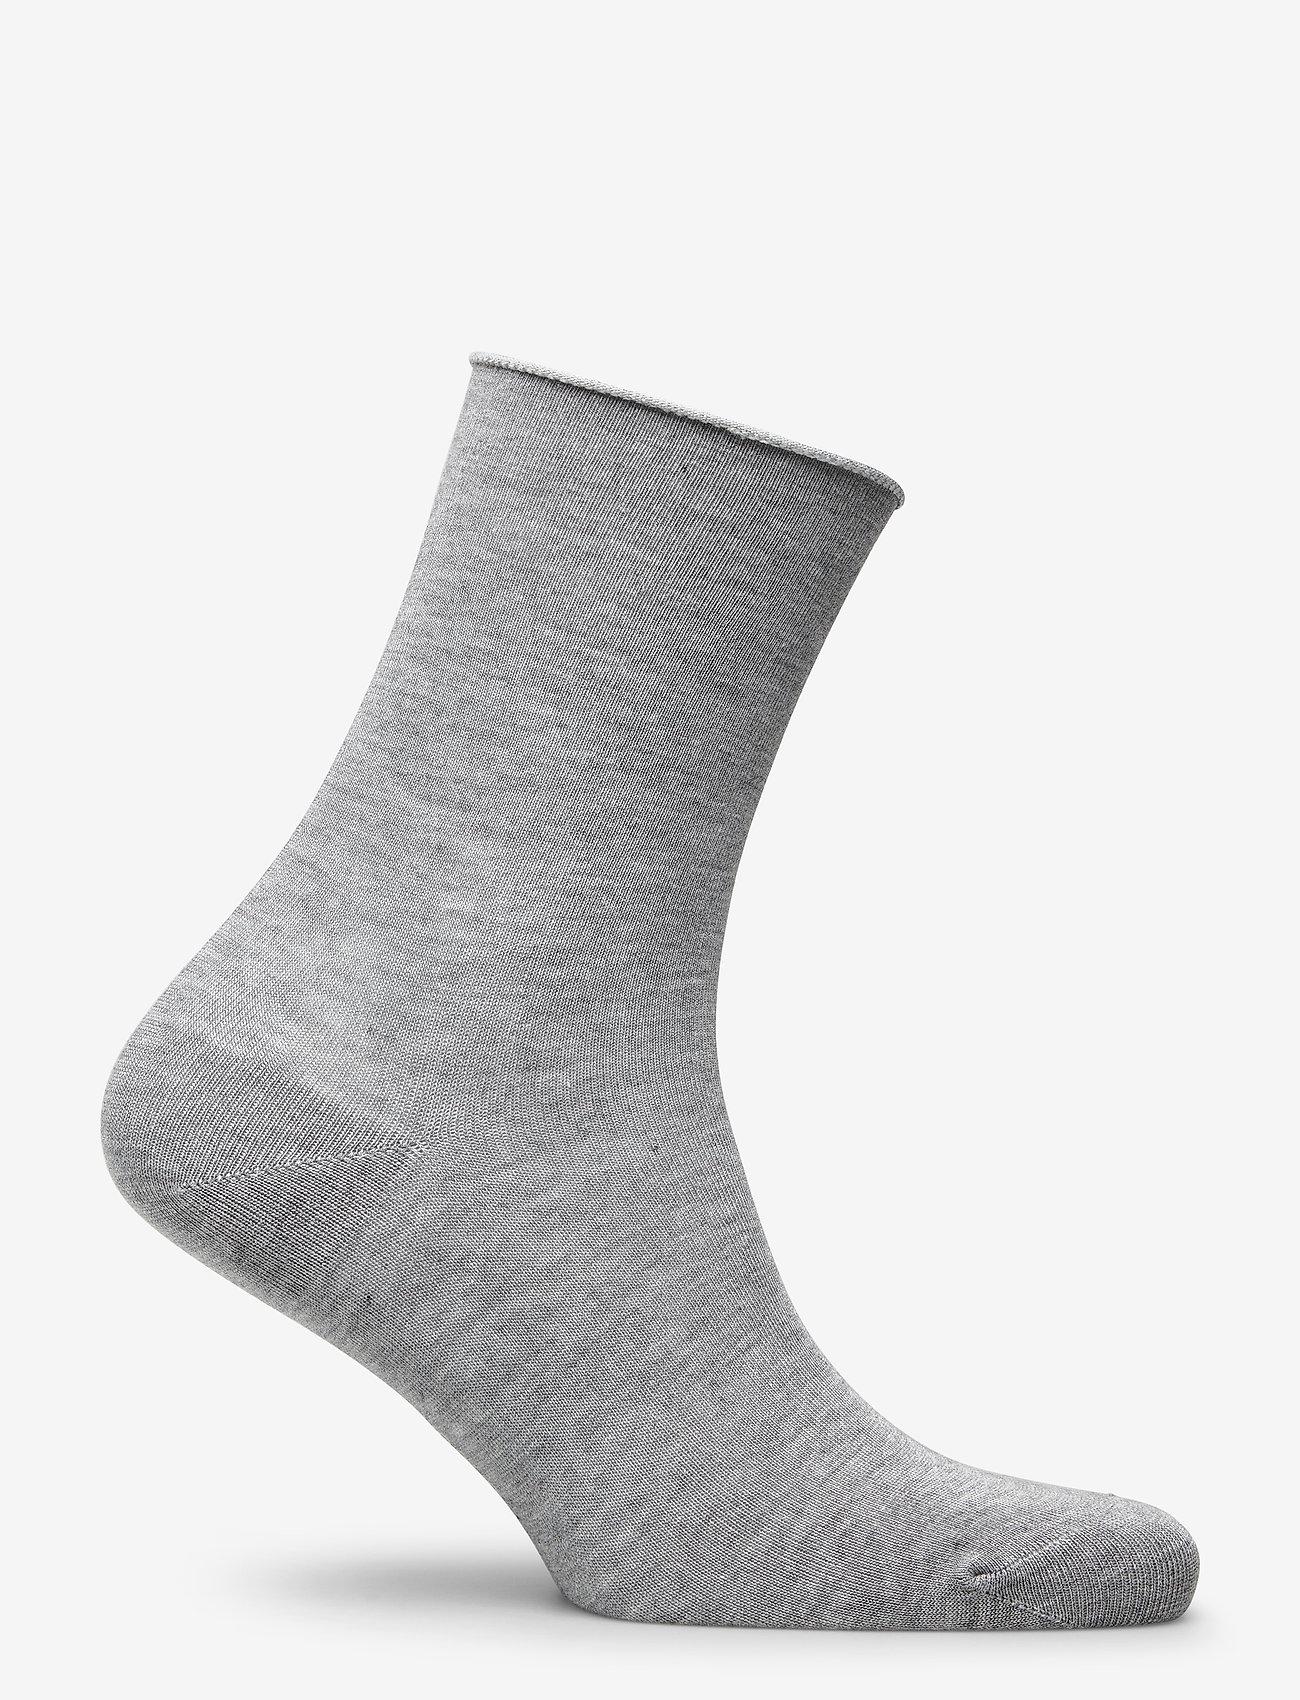 Vogue - Ladies anklesock, Bamboo Comfort Top Socks - footies - l.mel.grey - 1